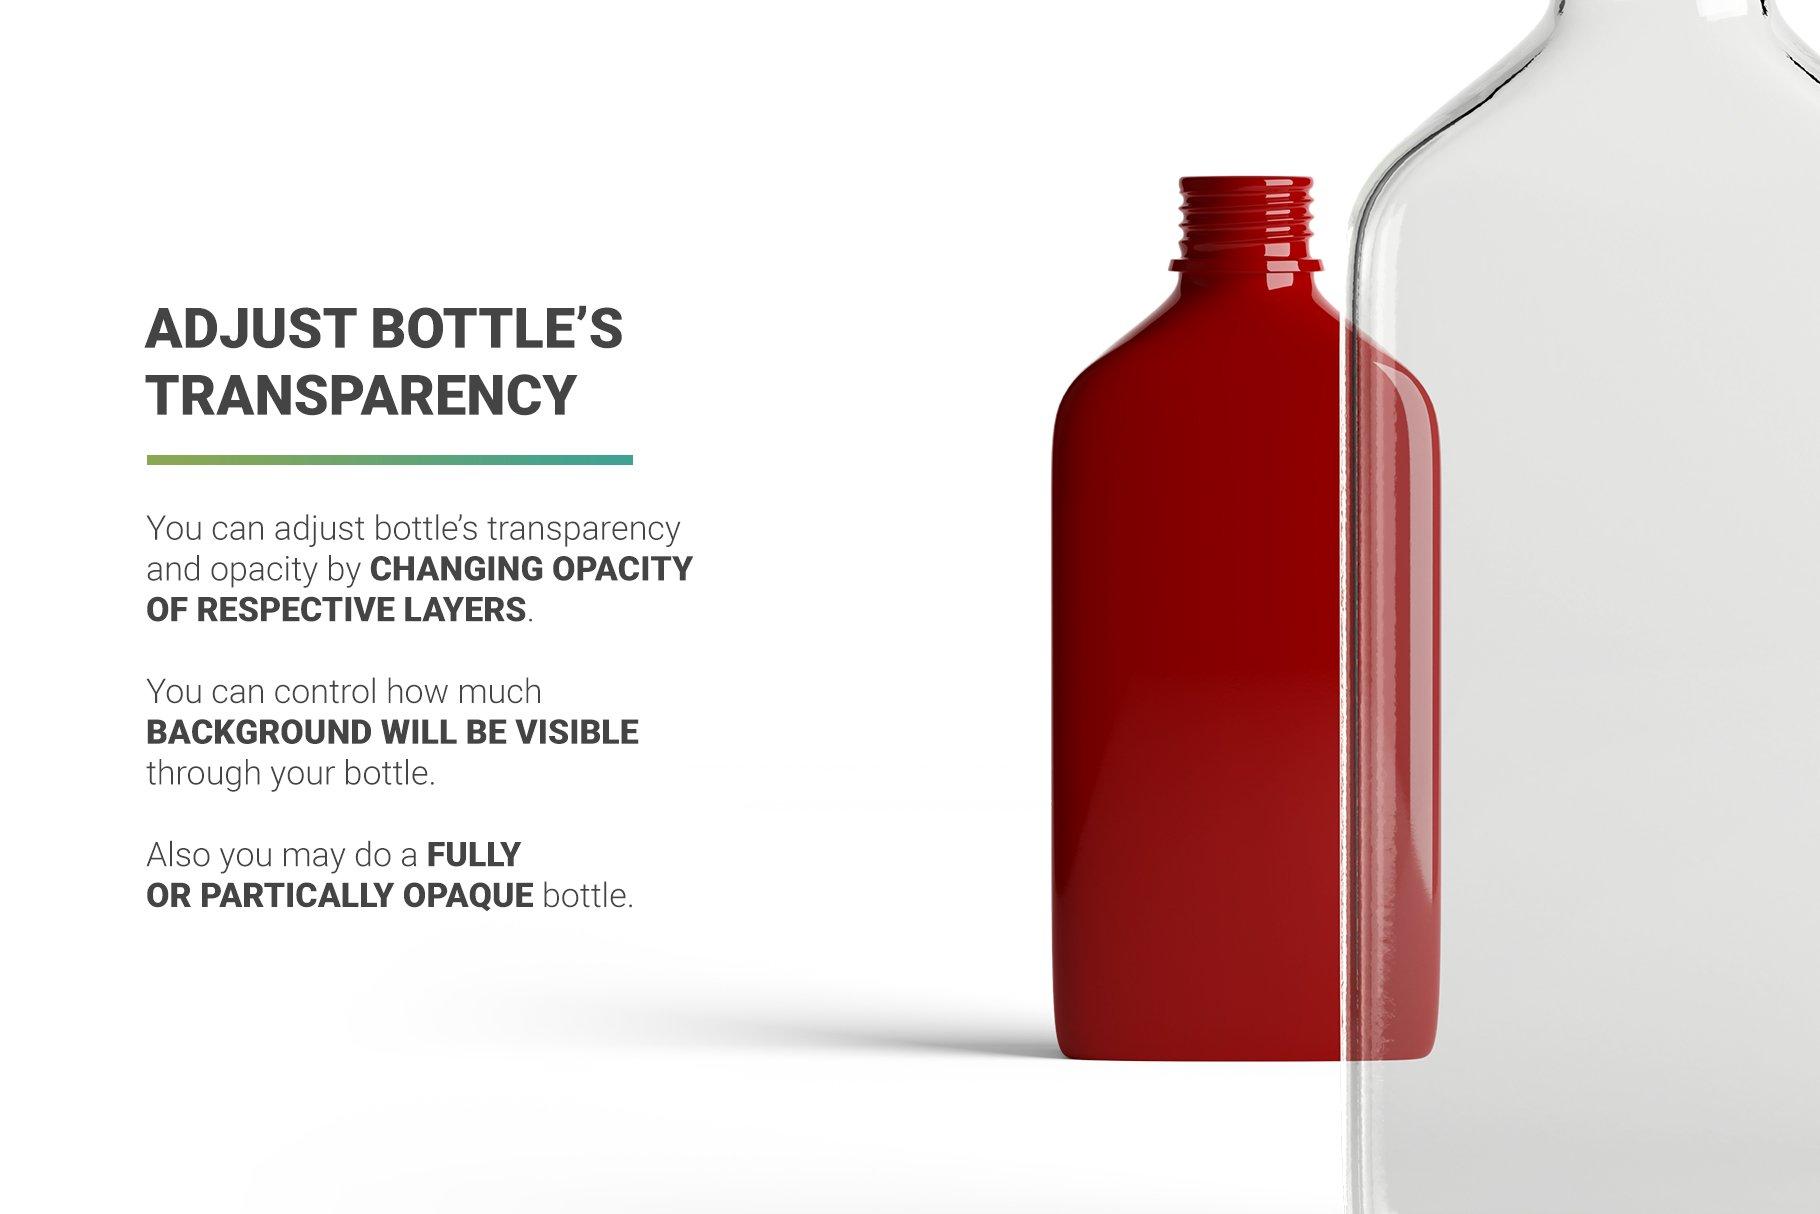 冷冲泡咖啡玻璃瓶标签设计展示贴图样机 Coffee Bottle Mockup插图5